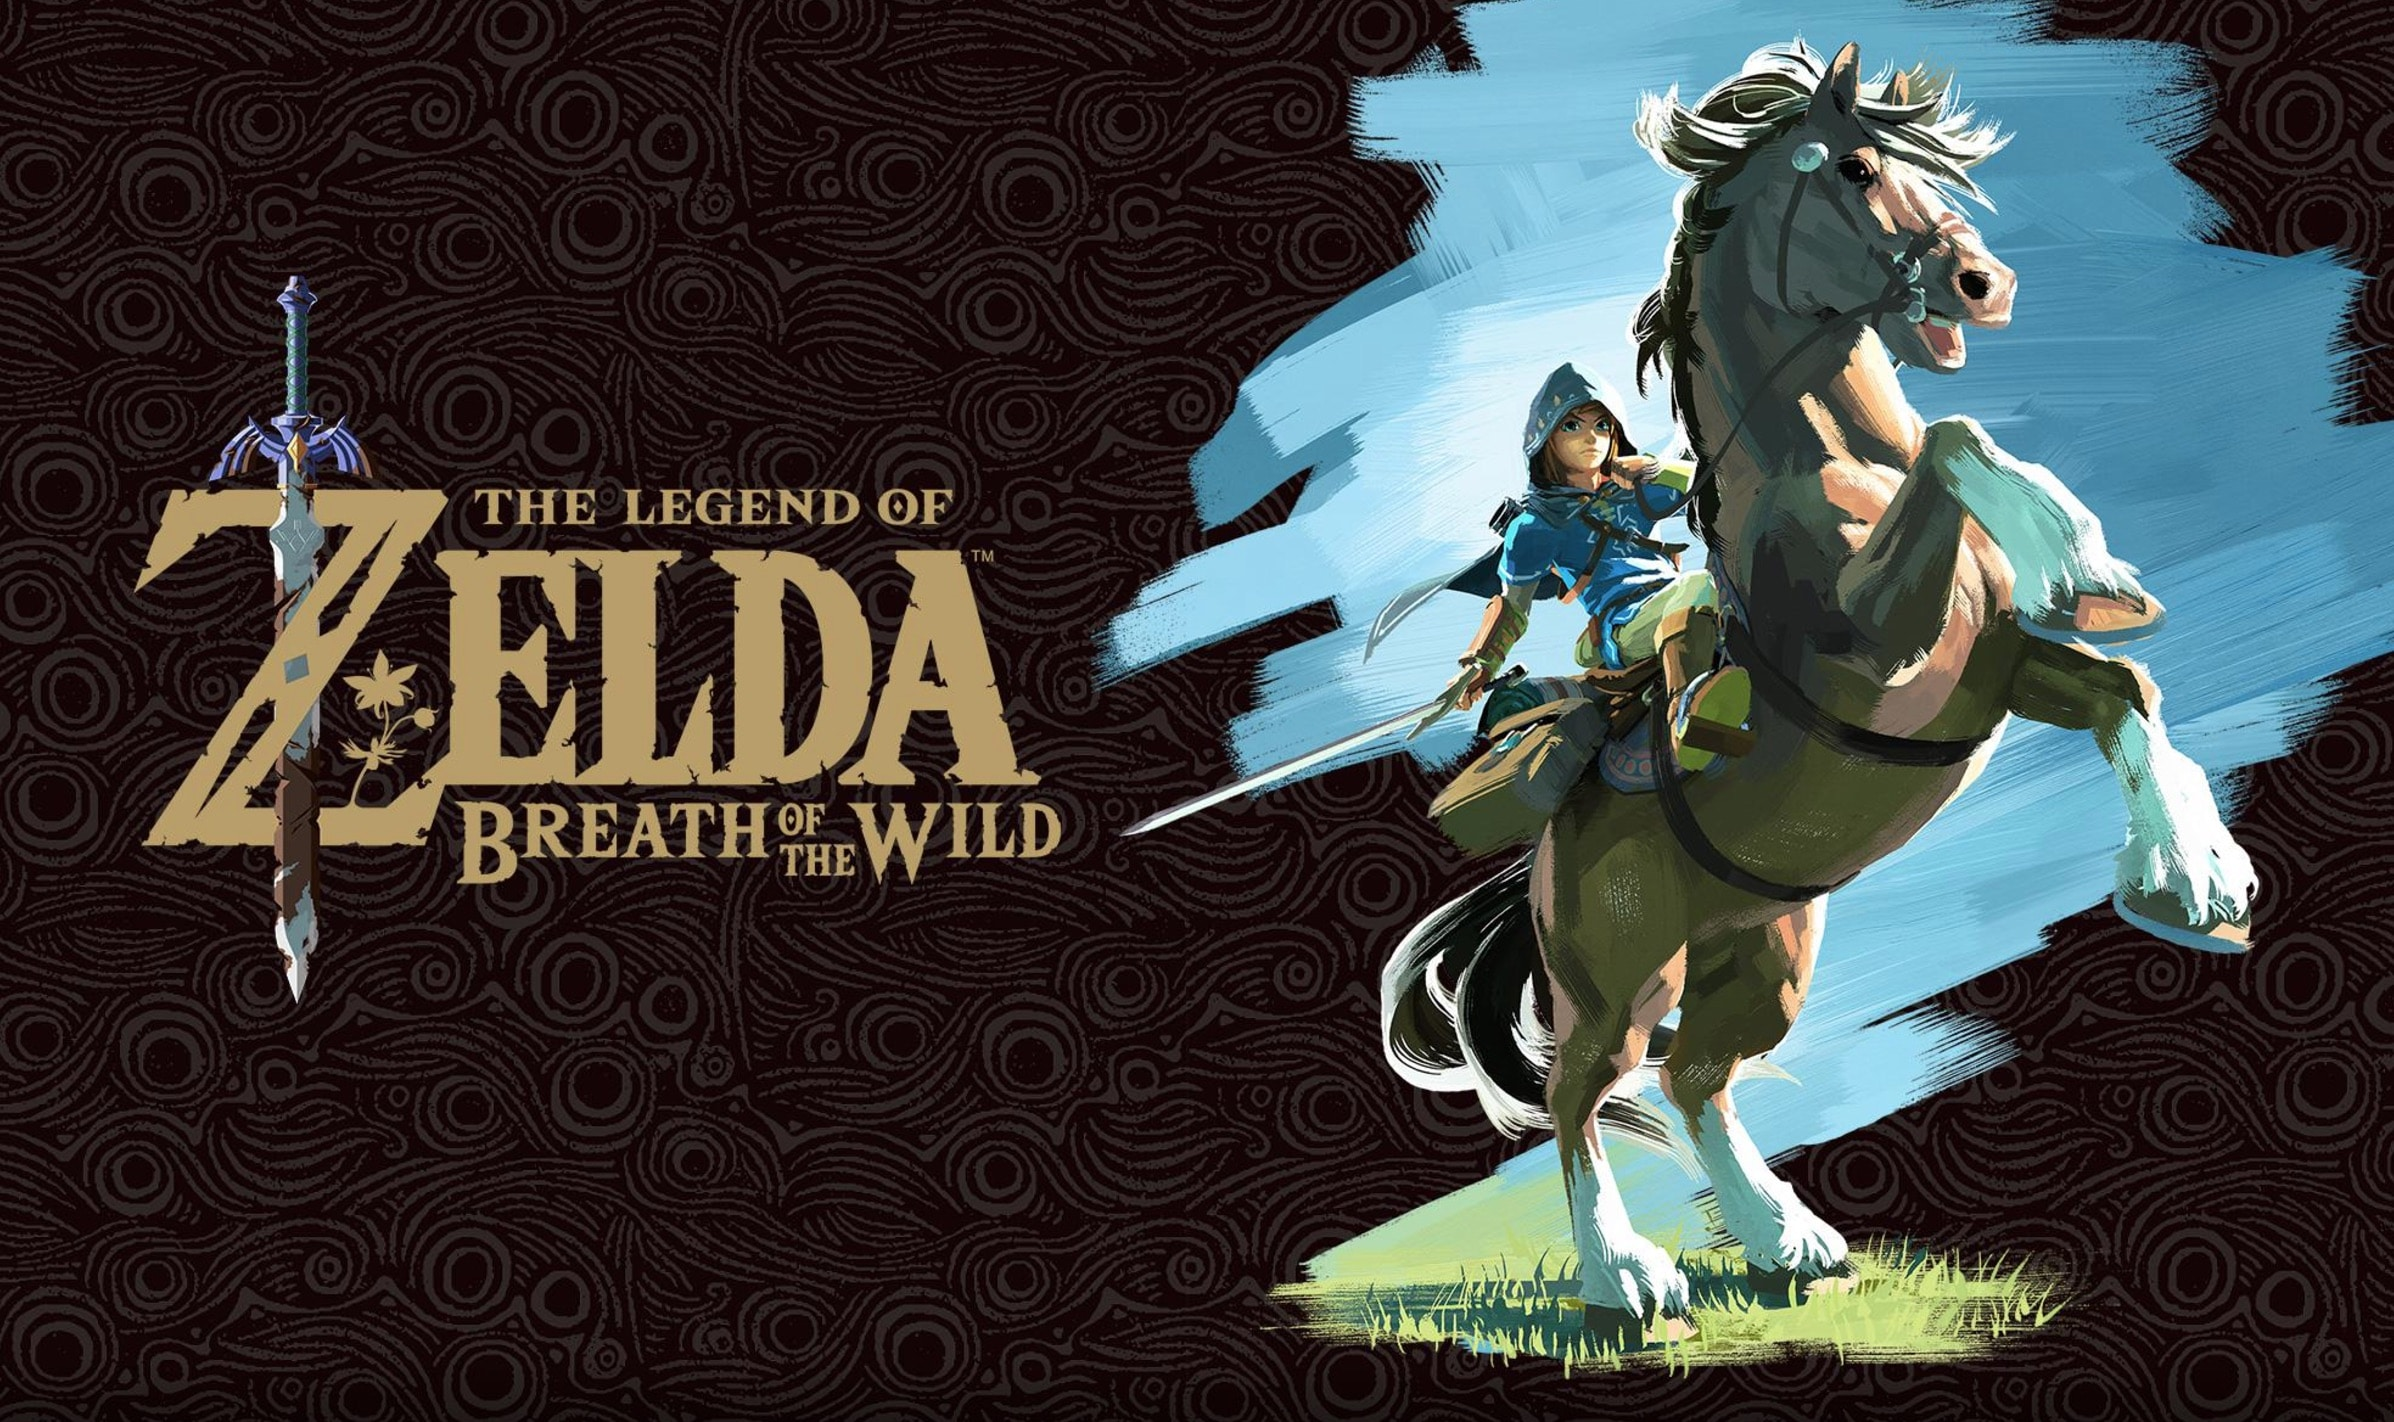 The Legend of Zelda Breath of the Wild arrasó en los DICE Awards 2018